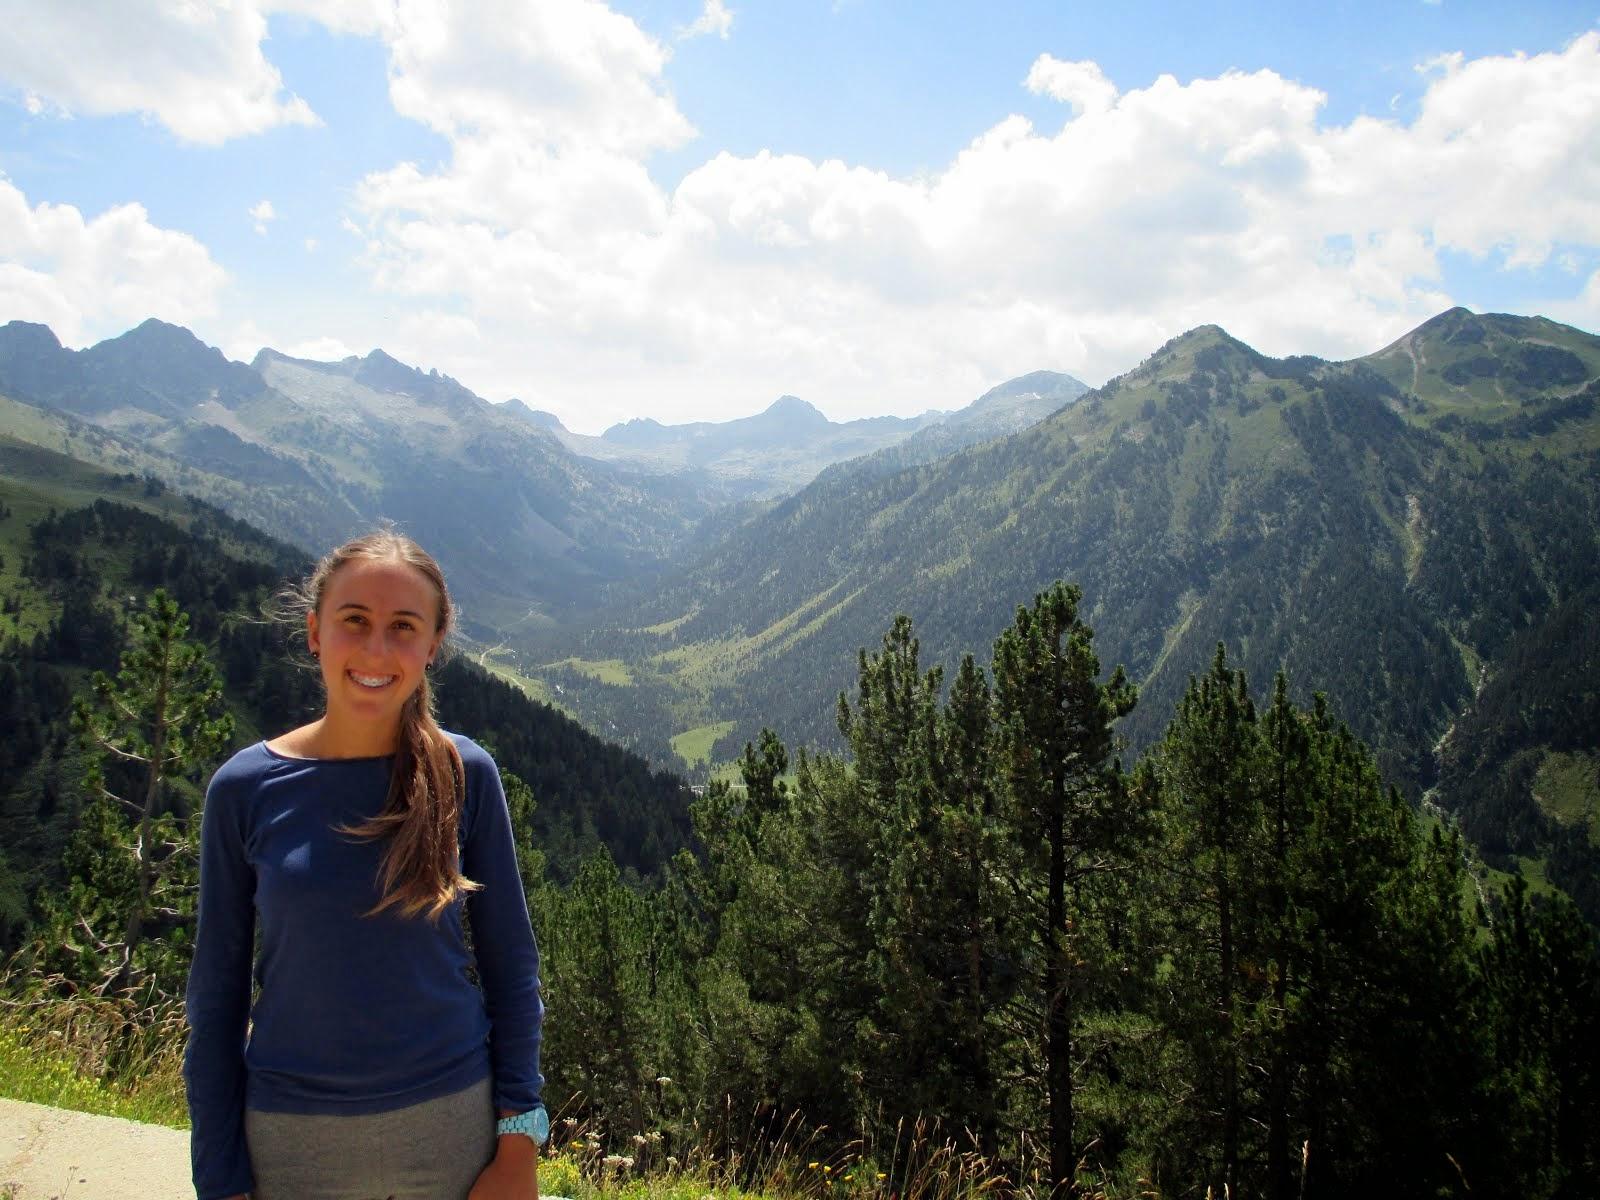 Persigo la felicidad y la montaña responde a mi búsqueda.